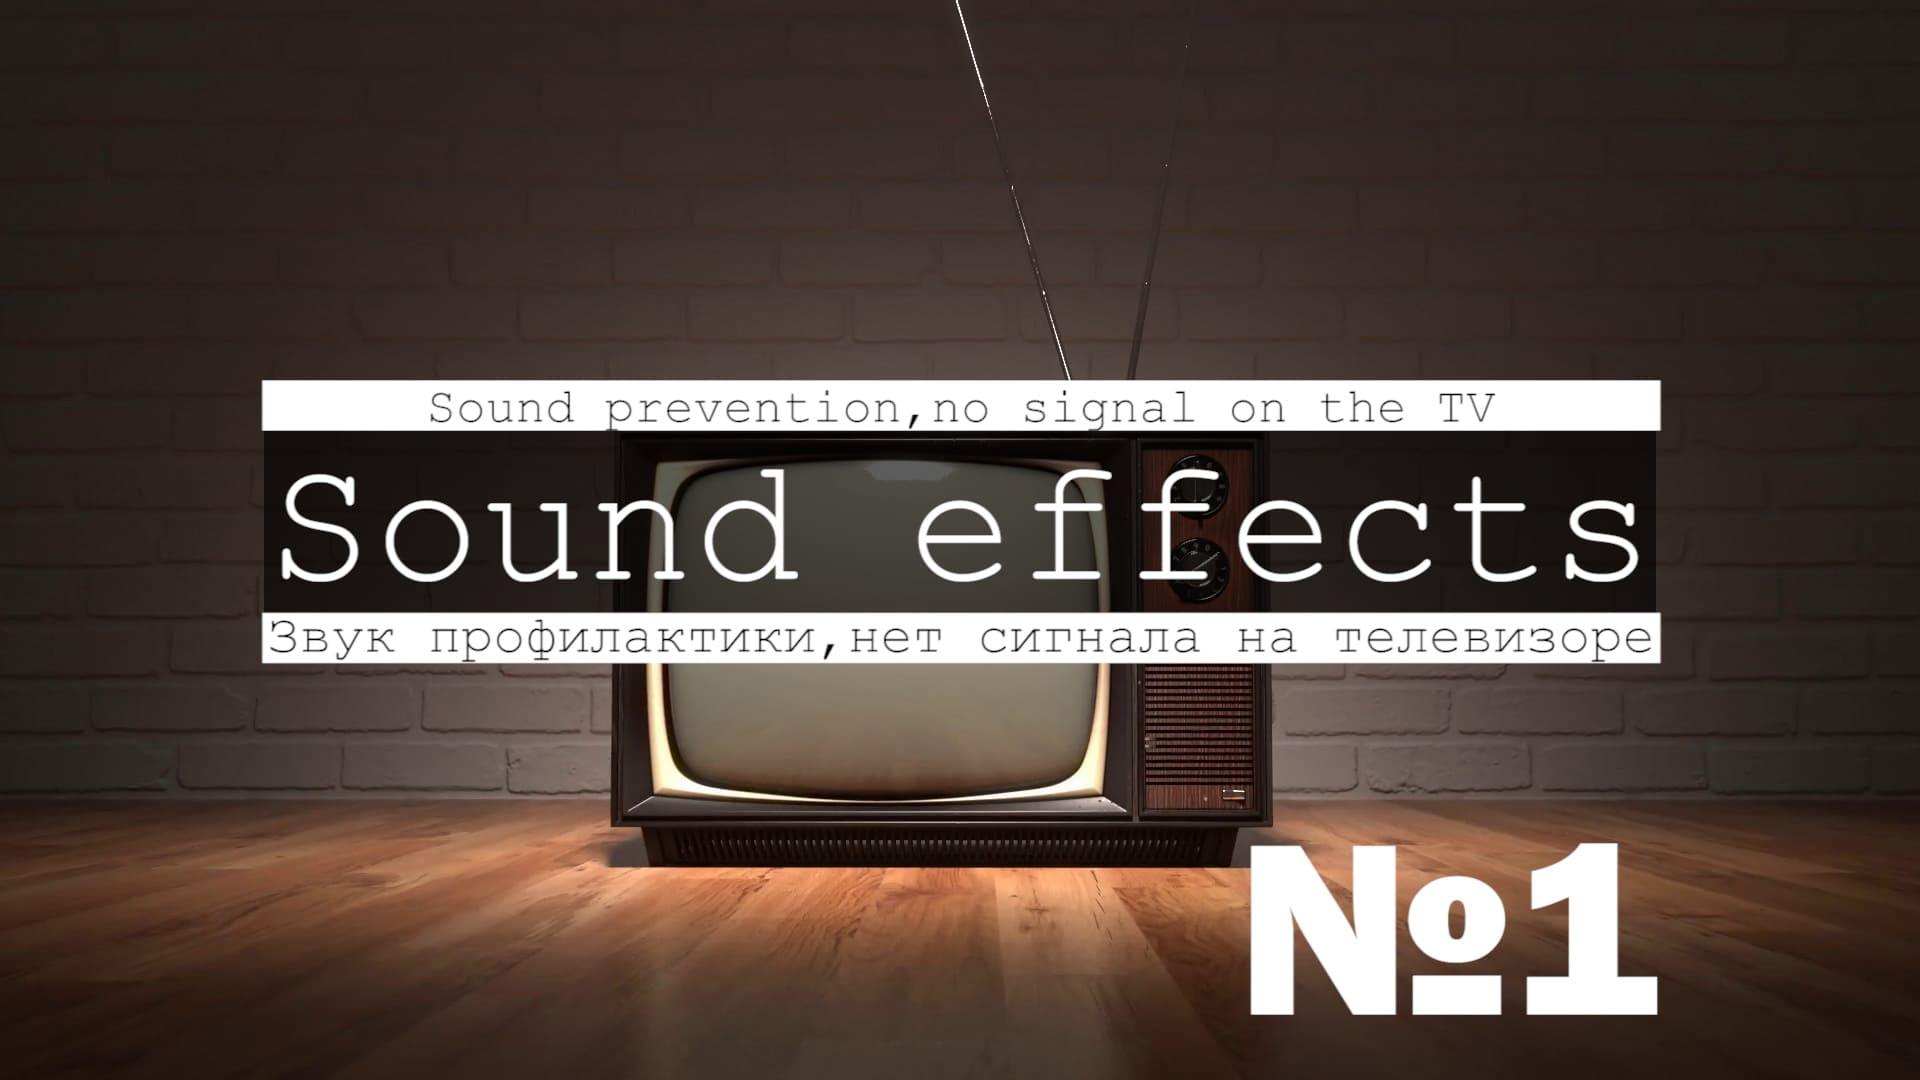 Скачать звук телевизора, шепение, переключение, выключение